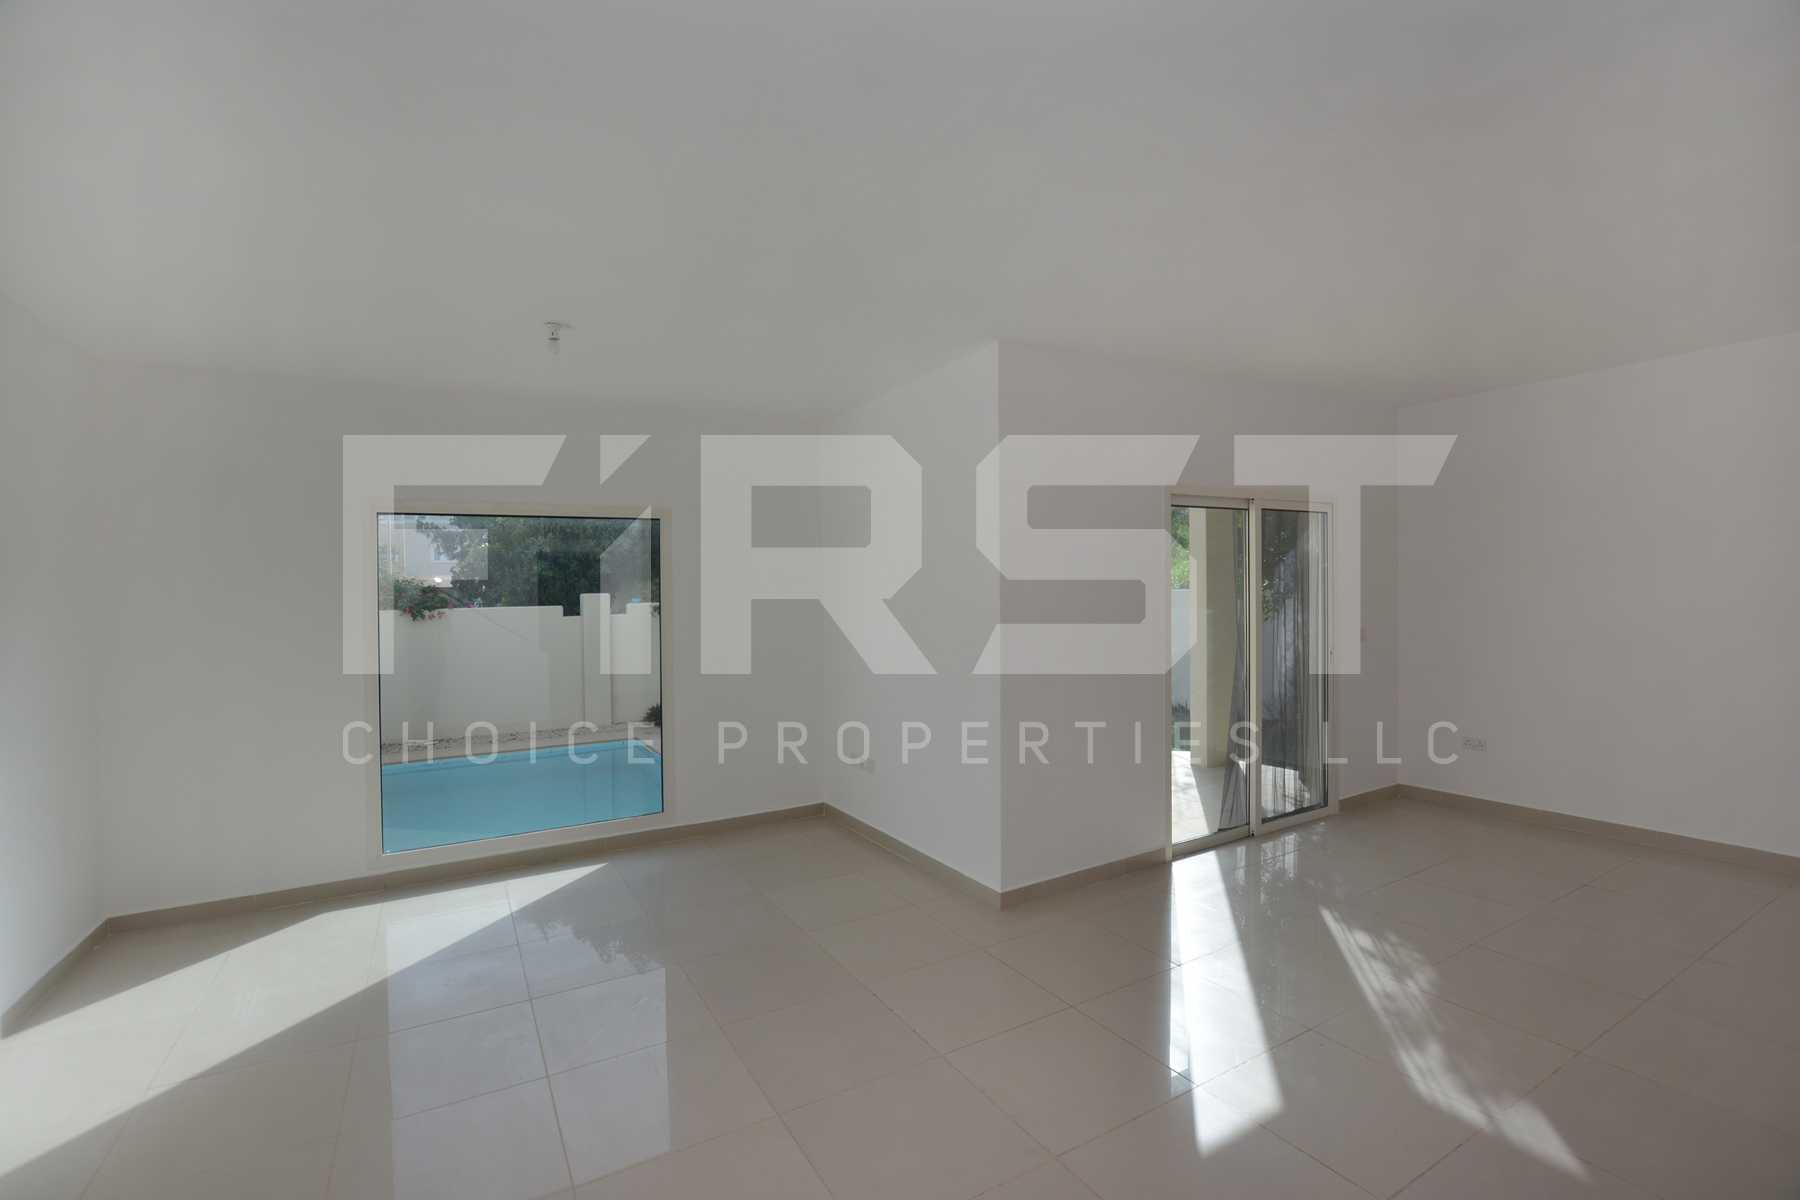 Internal Photo of 5 Bedroom Villa in Al Reef Villas 348.3 sq.m 3749 sq.ft (7).jpg